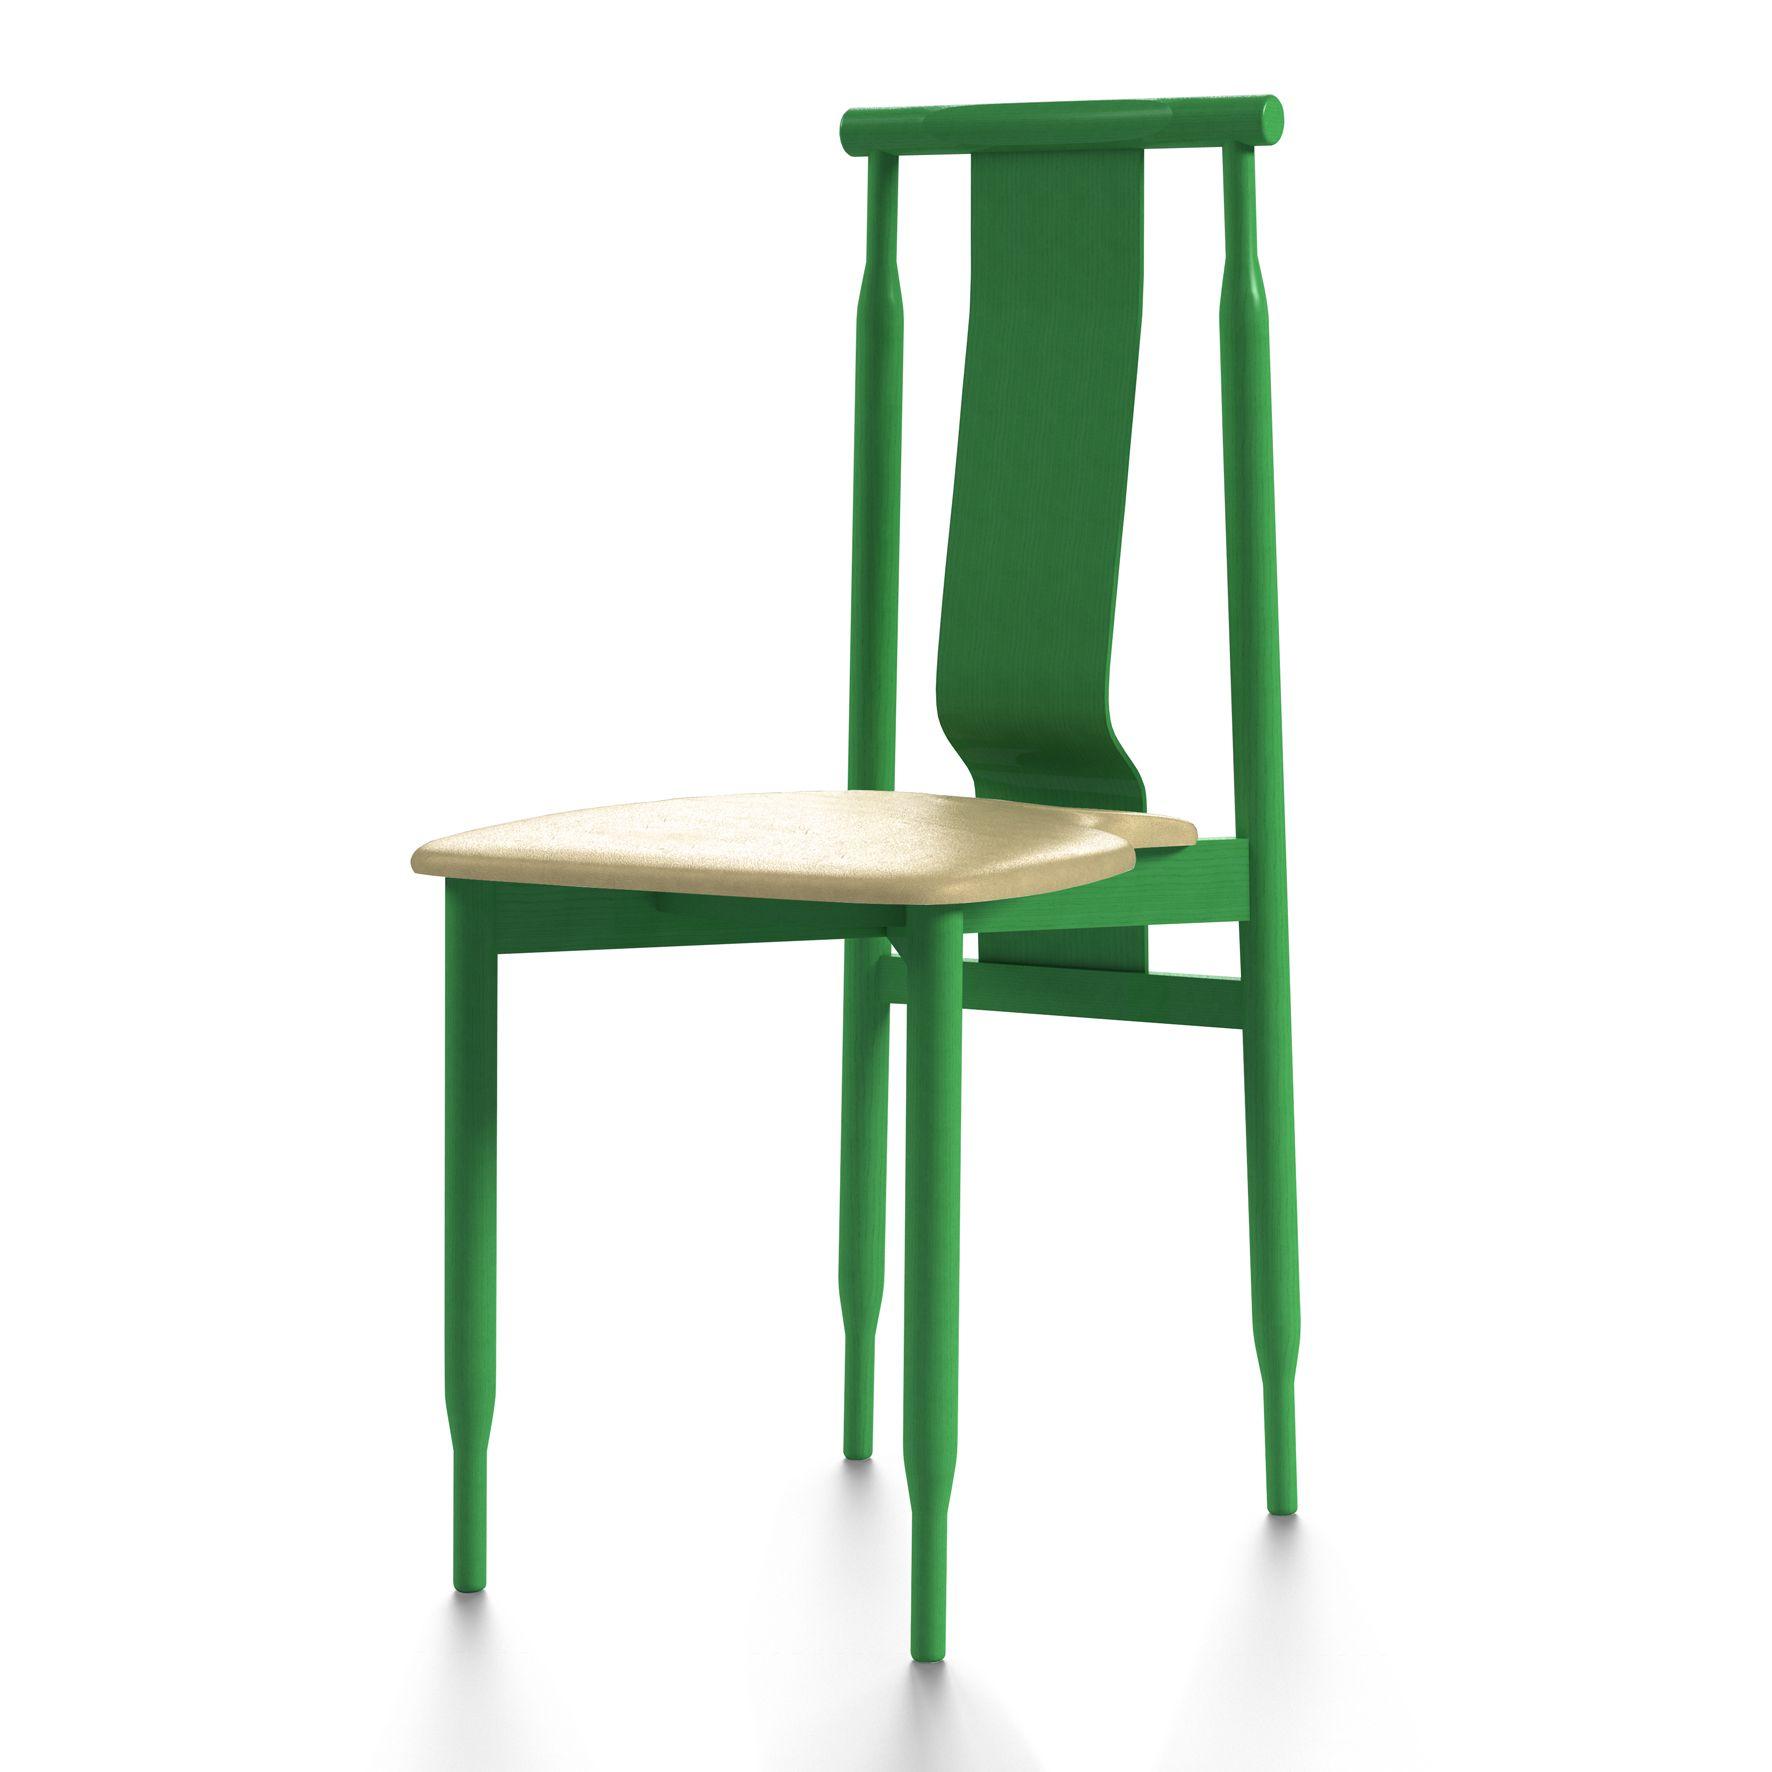 silla lierne de achille castiglioni en verde opaco